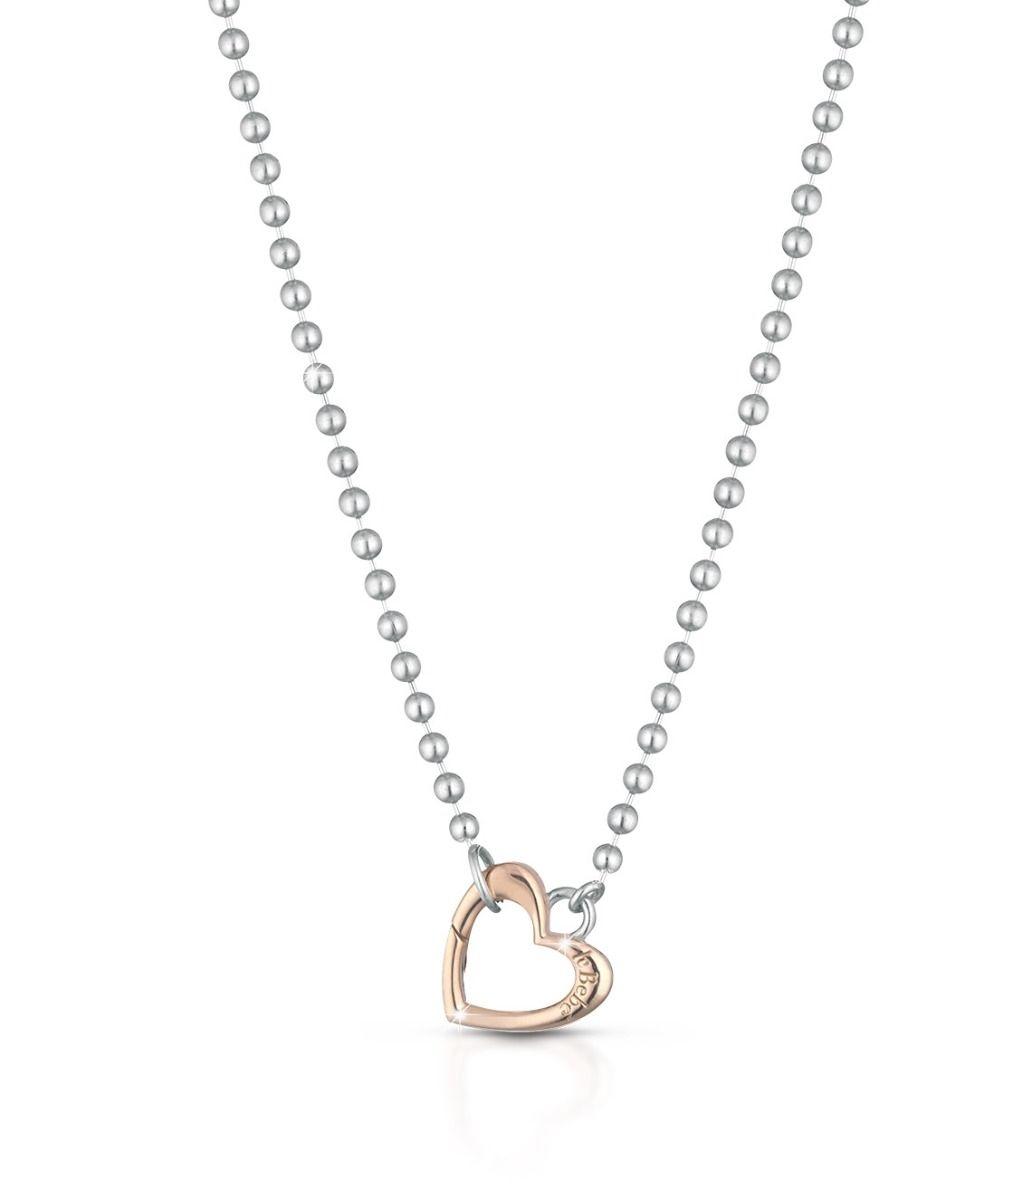 Collana Lock Your Love in argento moschettone a forma di cuore in oro rosa